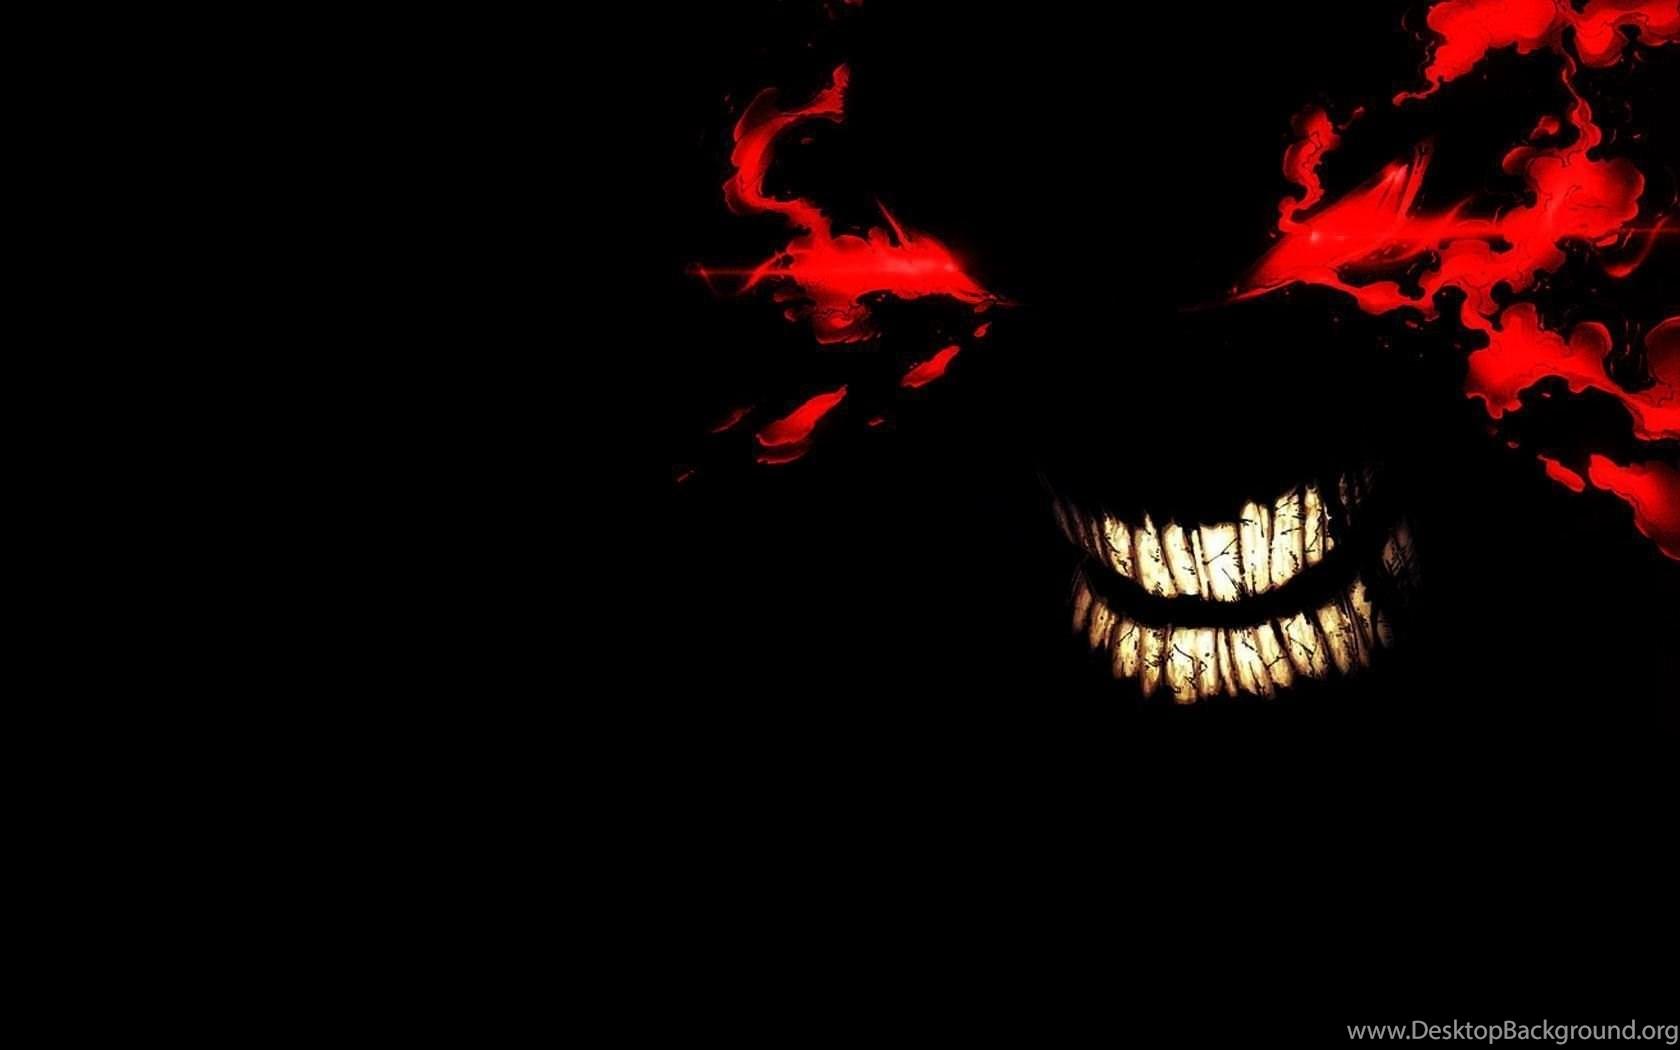 Top Wallpapers Devil Demon Face Images For Pinterest Desktop Background